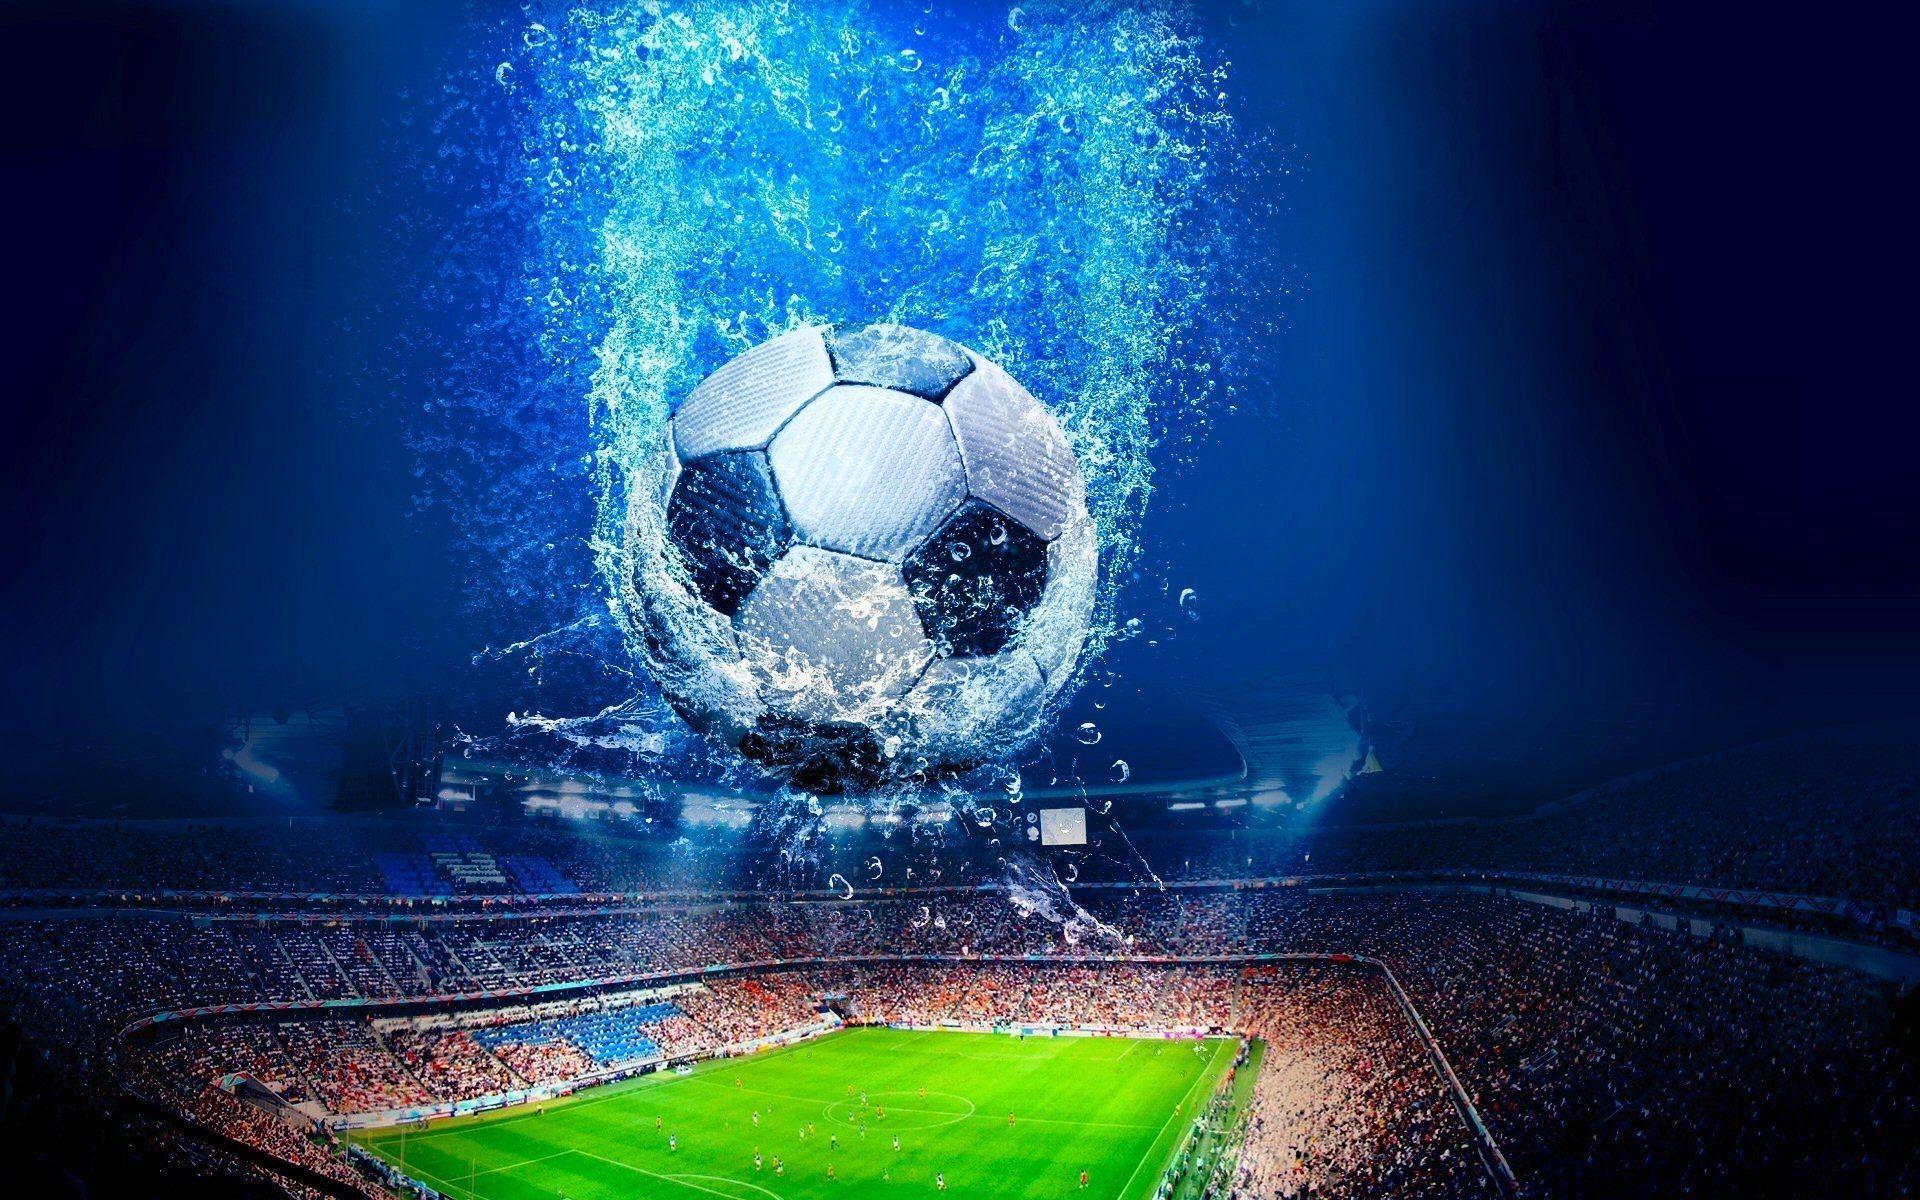 فوتبال یعنی زندگی و زندگی یعنی فوتبال